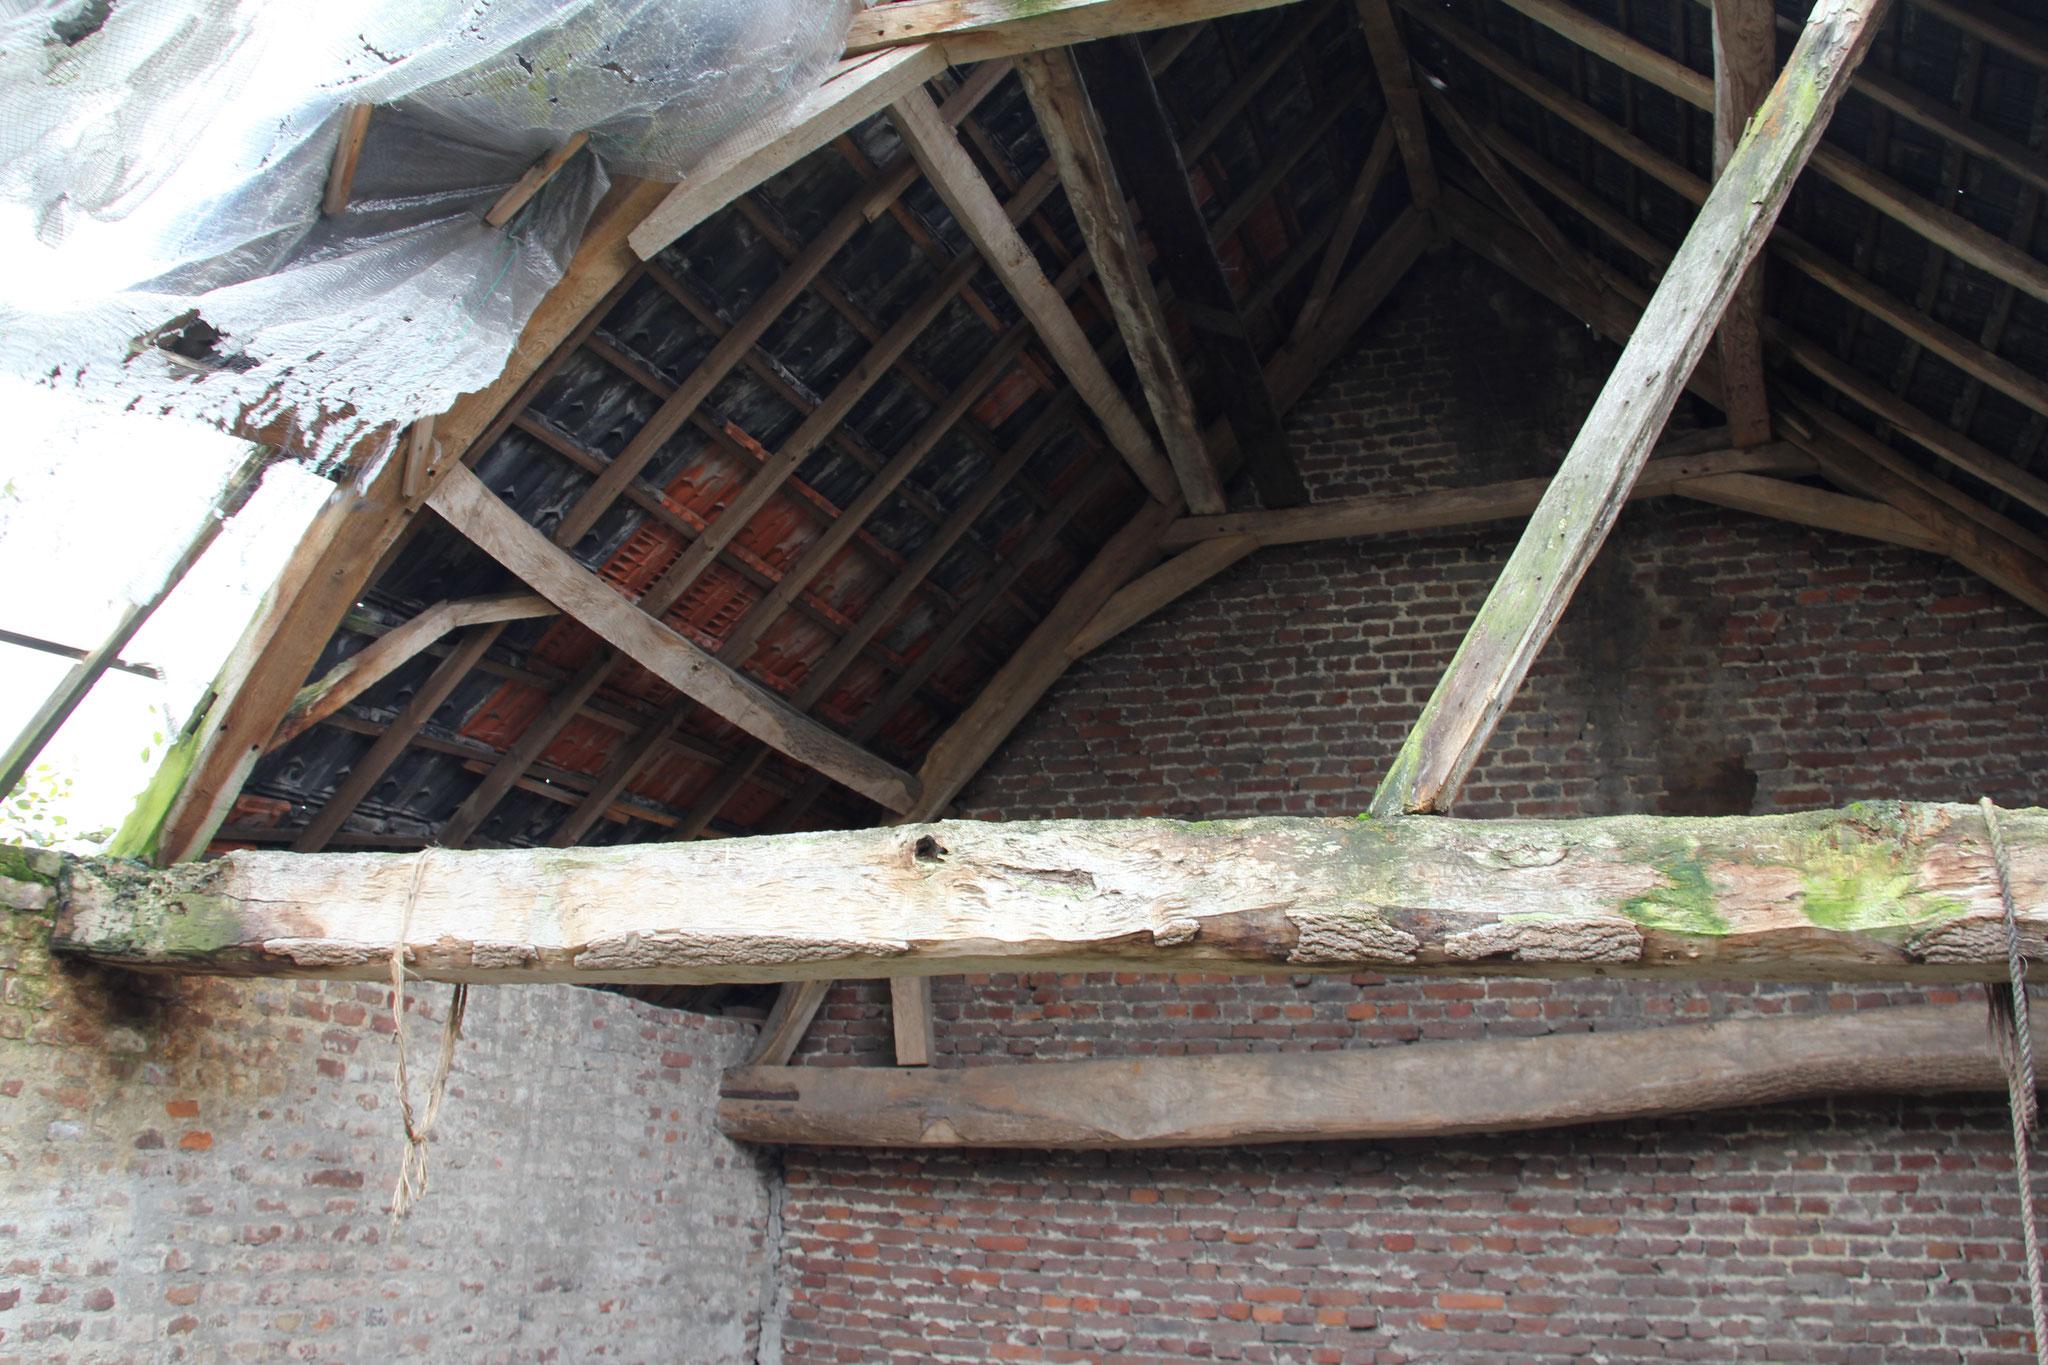 Eiken spanten in de oostvleugel (dak deels weggevallen).